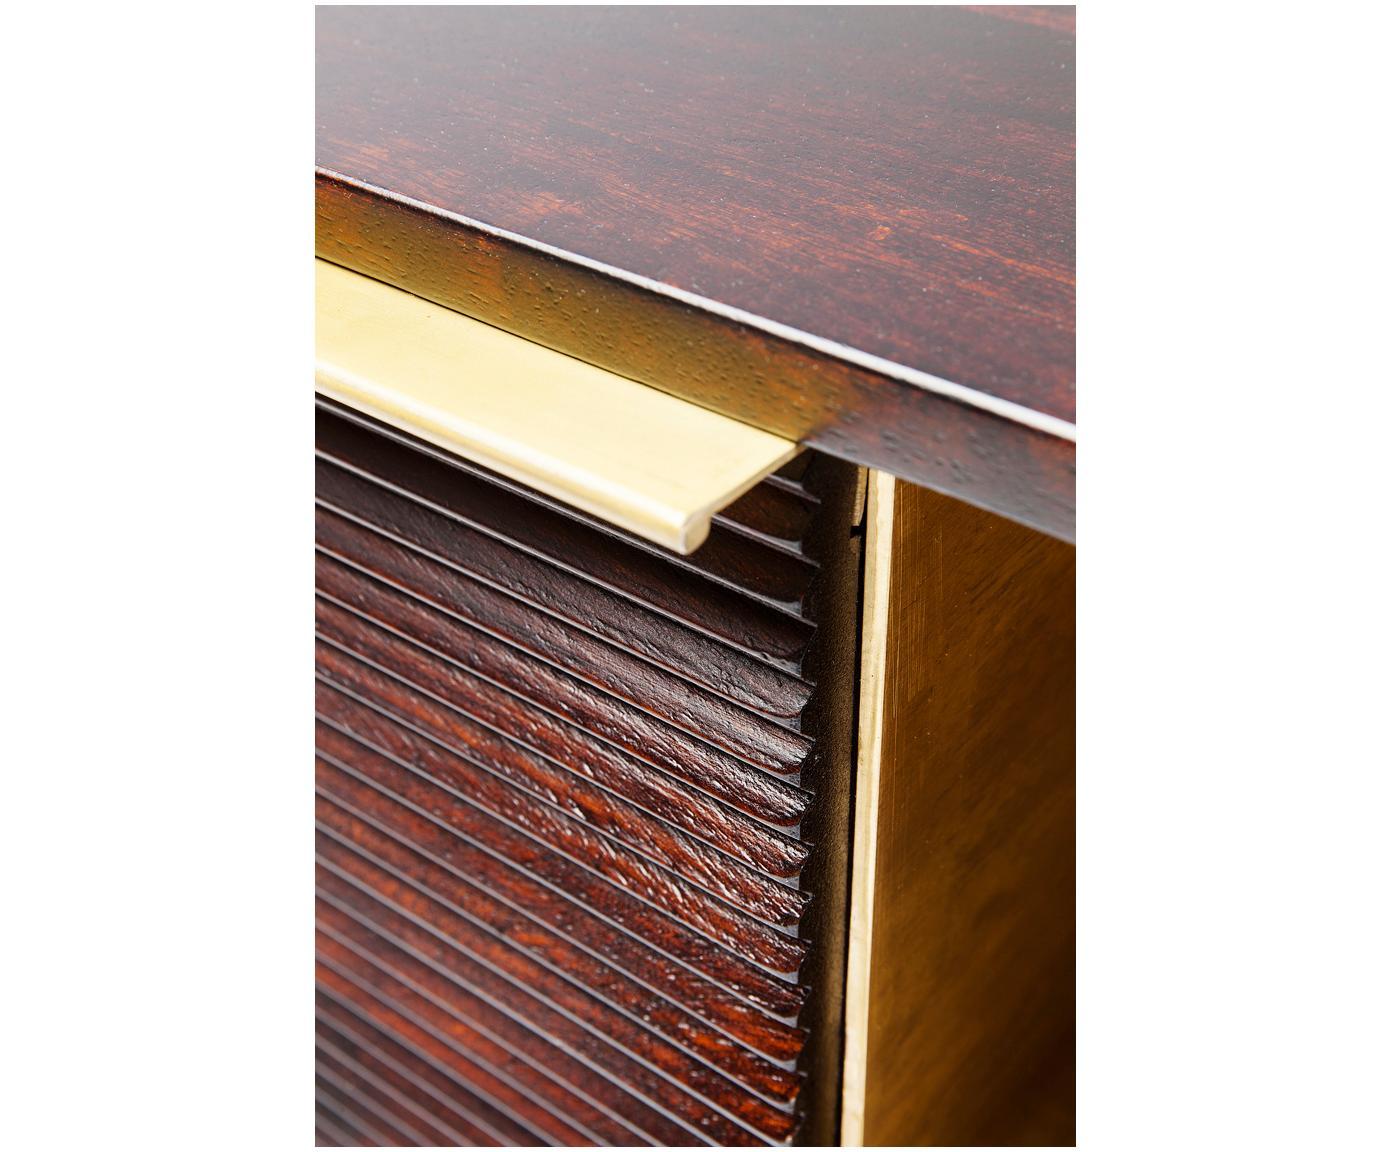 Szafka RTV z drewna mangowego Casino Lounge, Korpus: lite drewno mangowe, laki, Drewno mangowe, odcienie mosiądzu, S 150 x W 45 cm